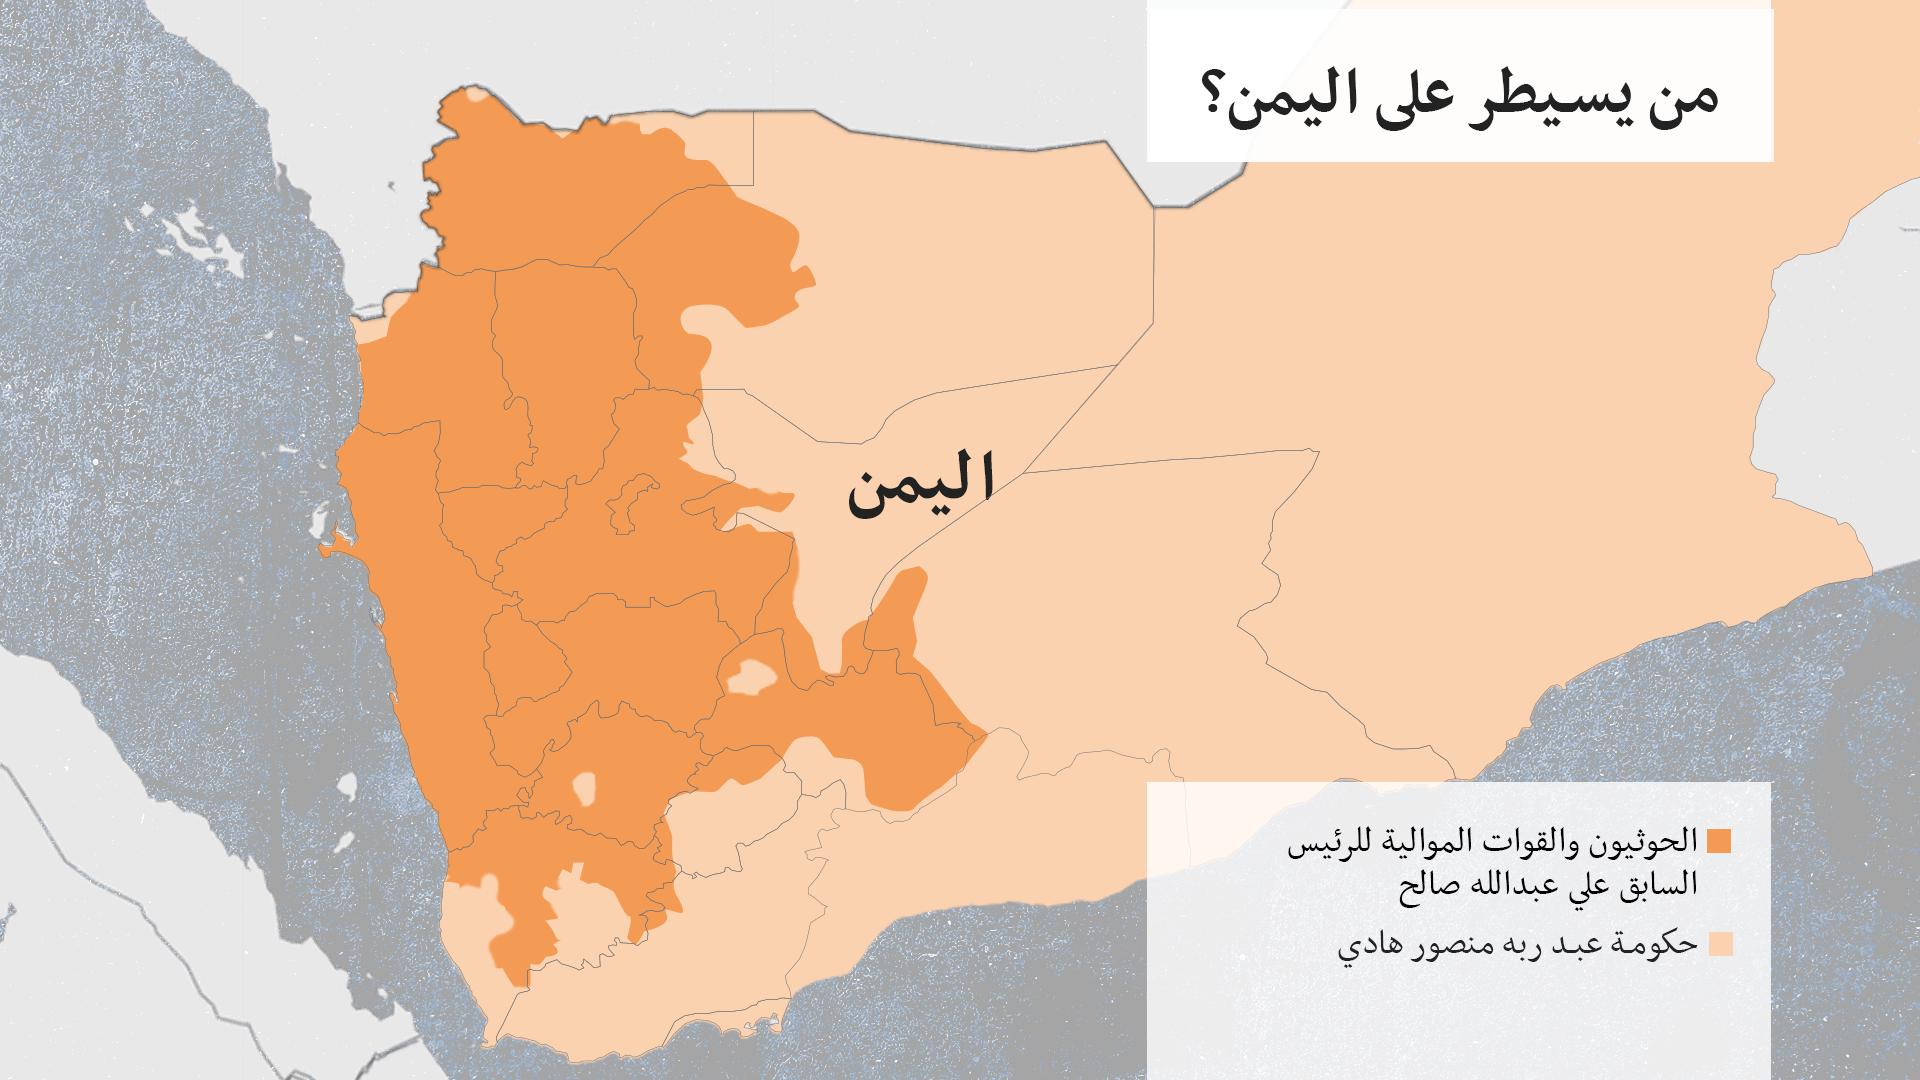 مصدر خريطة اليمن: Risk Intelligence في ١٣ آذار\/مارس ٢٠١٧